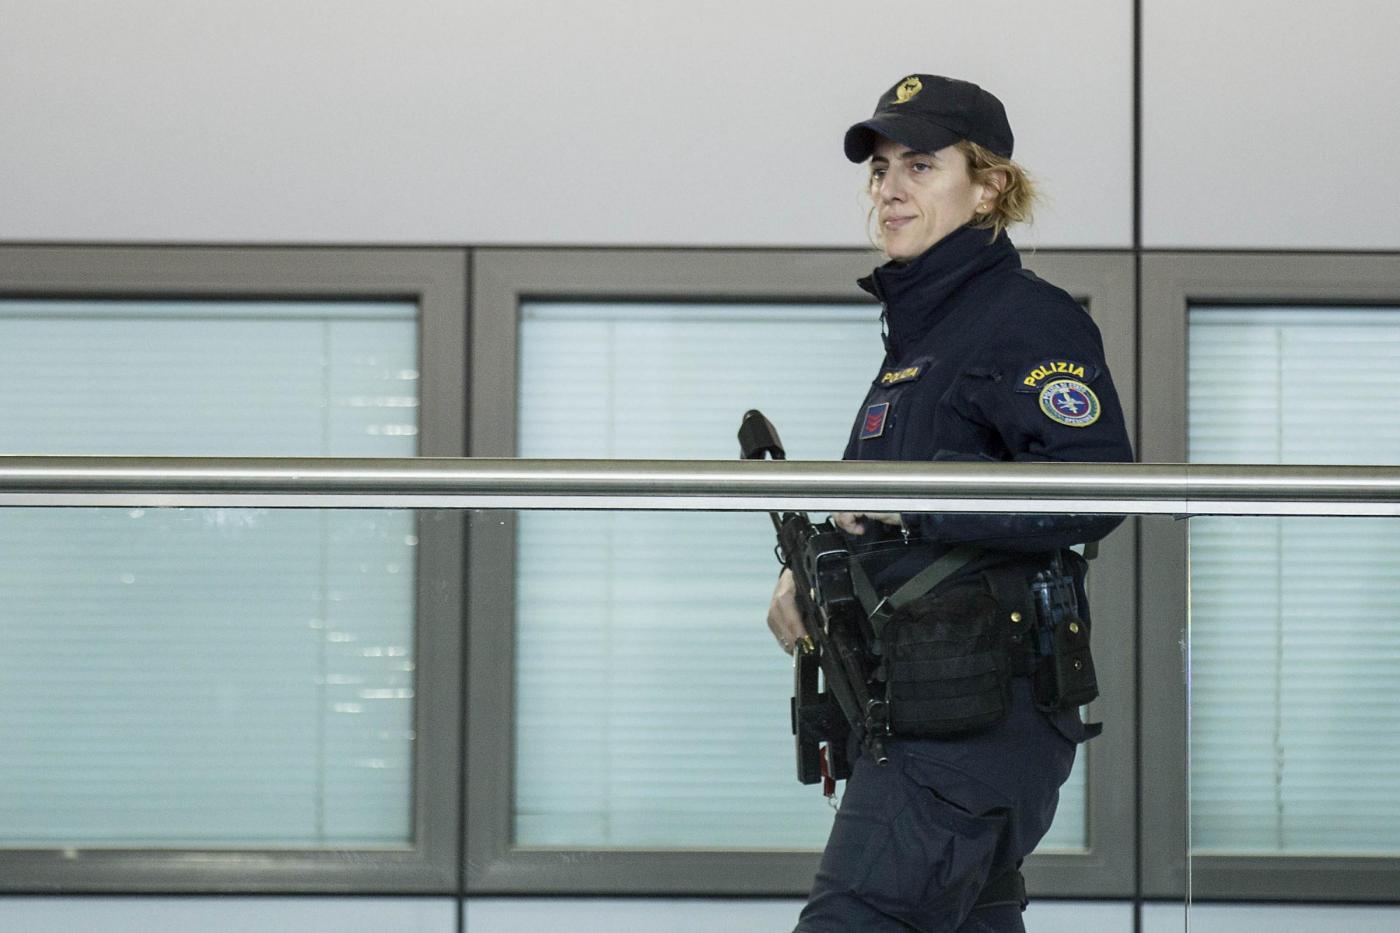 Terrorismo, arrestato italiano collegato all'Isis in Marocco